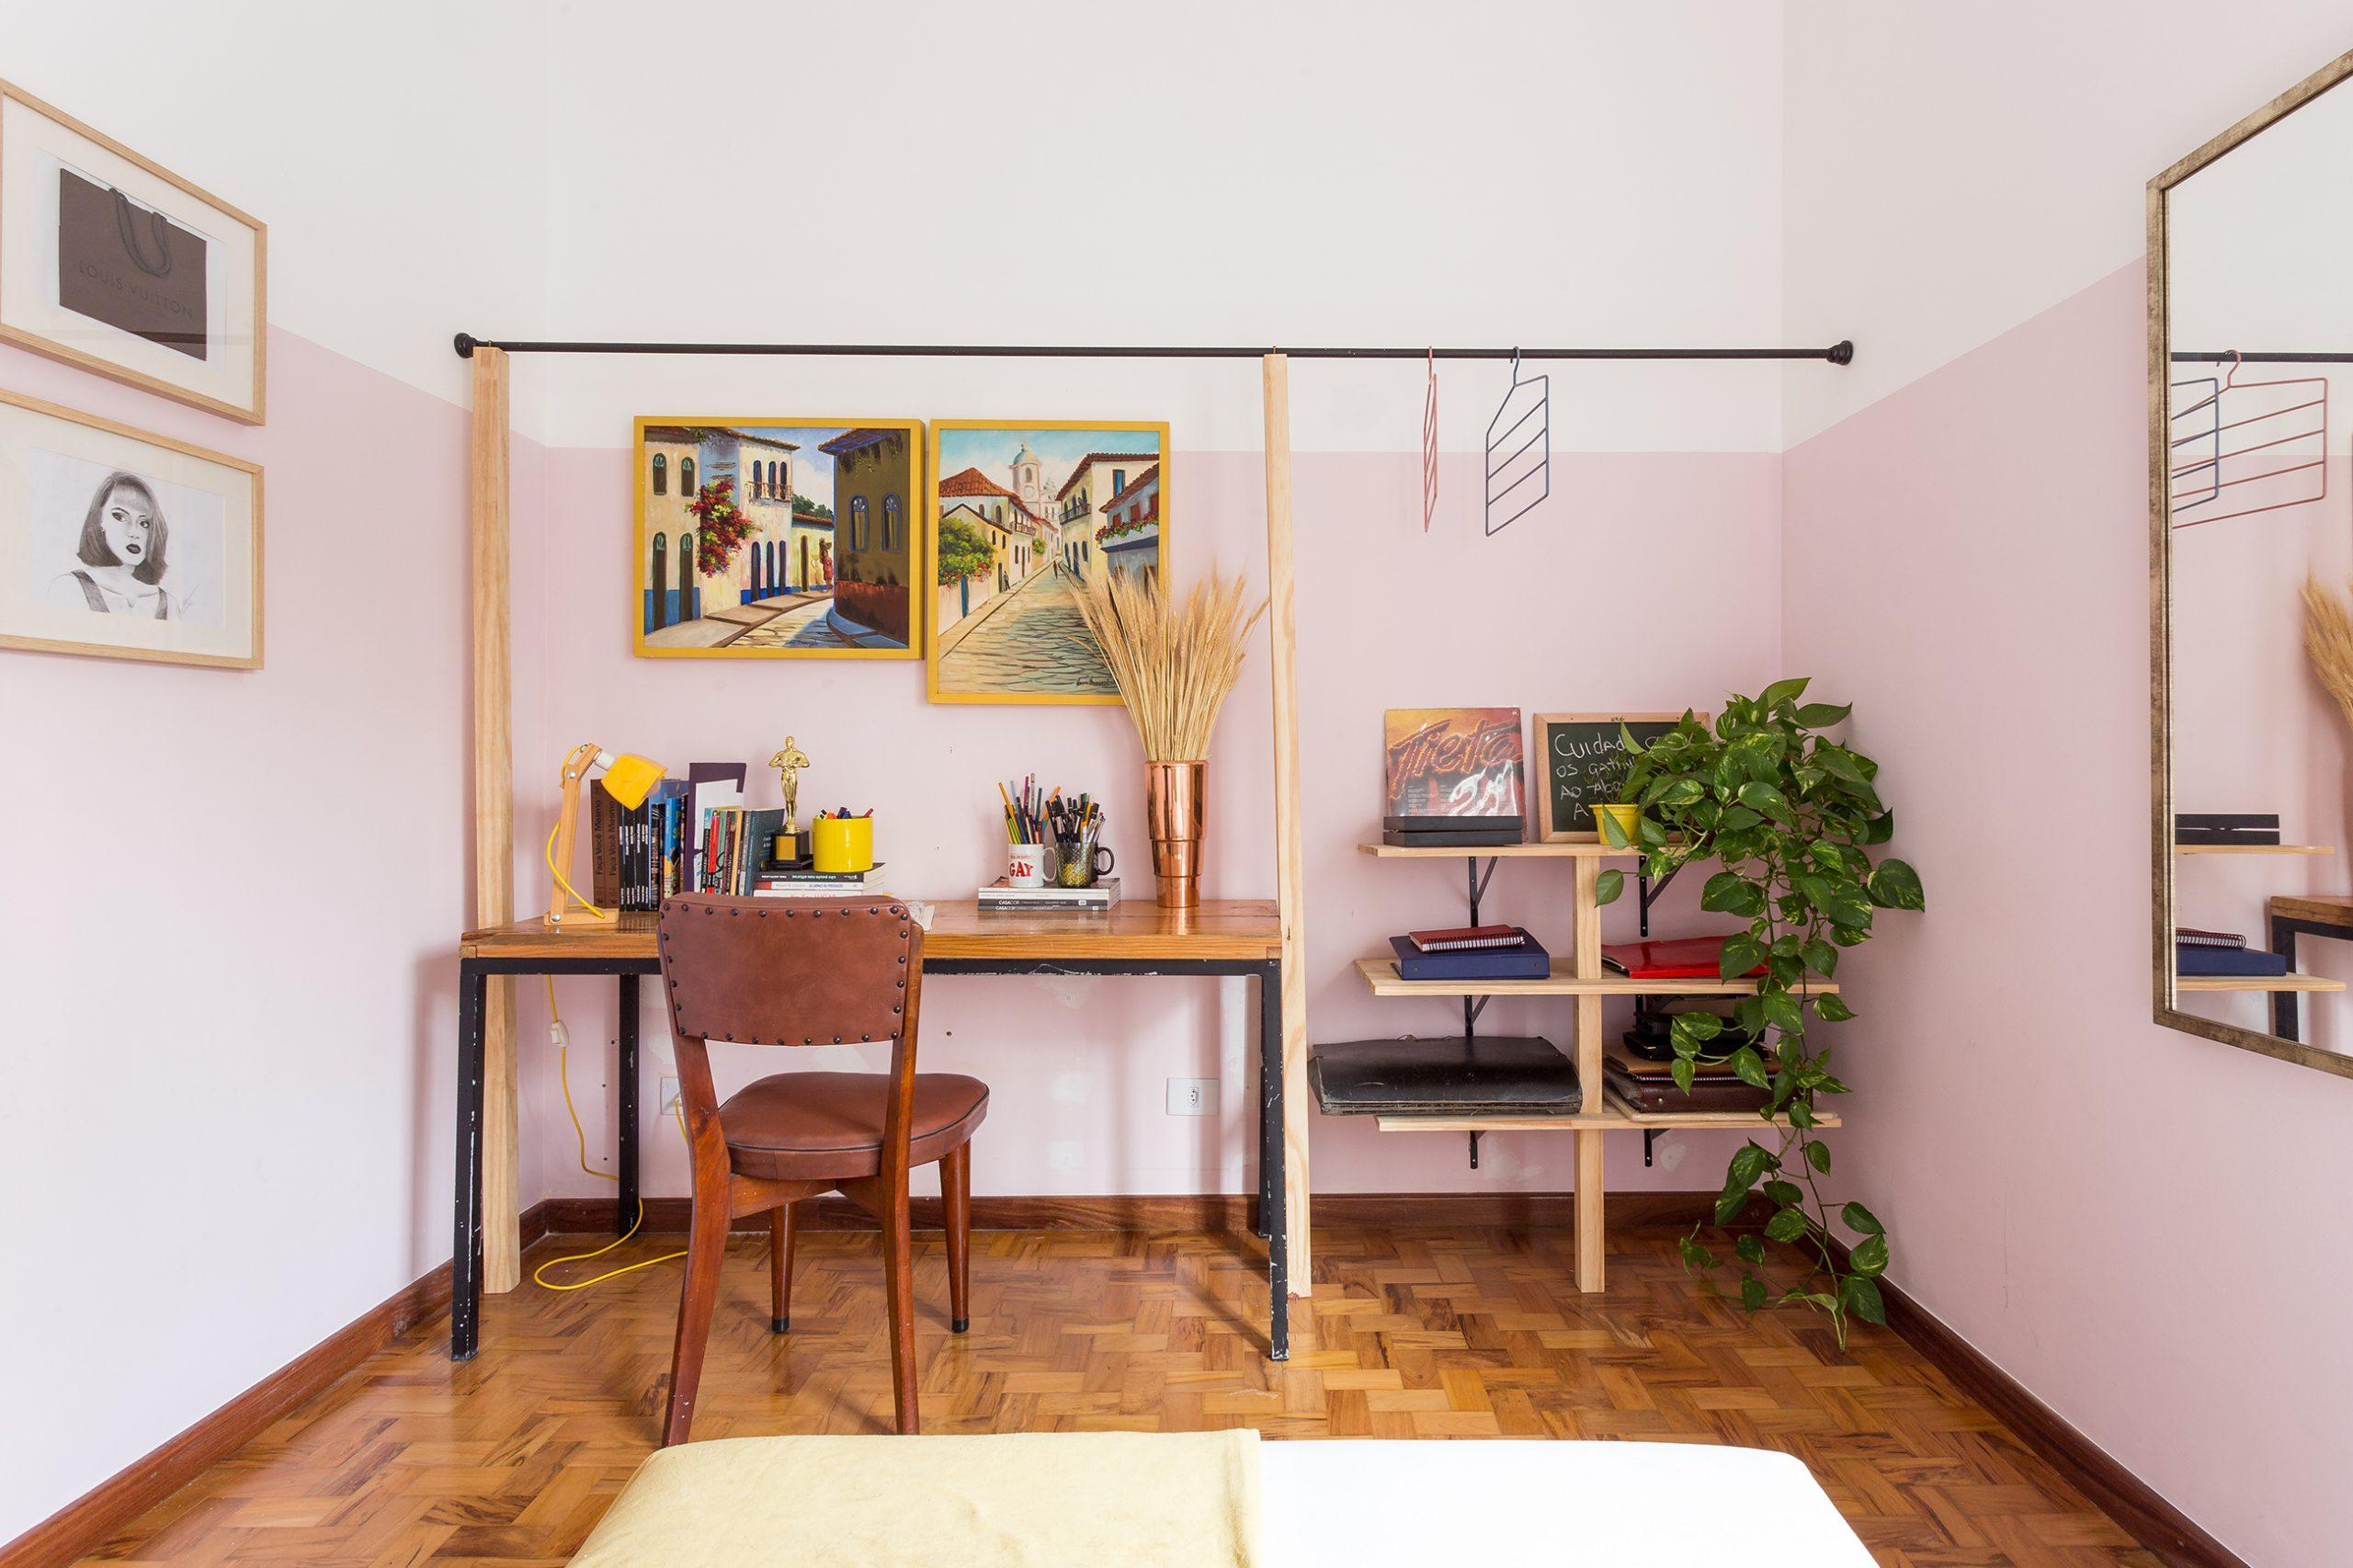 decoração quarto com meia parede rosa e arara de ferro e madeira